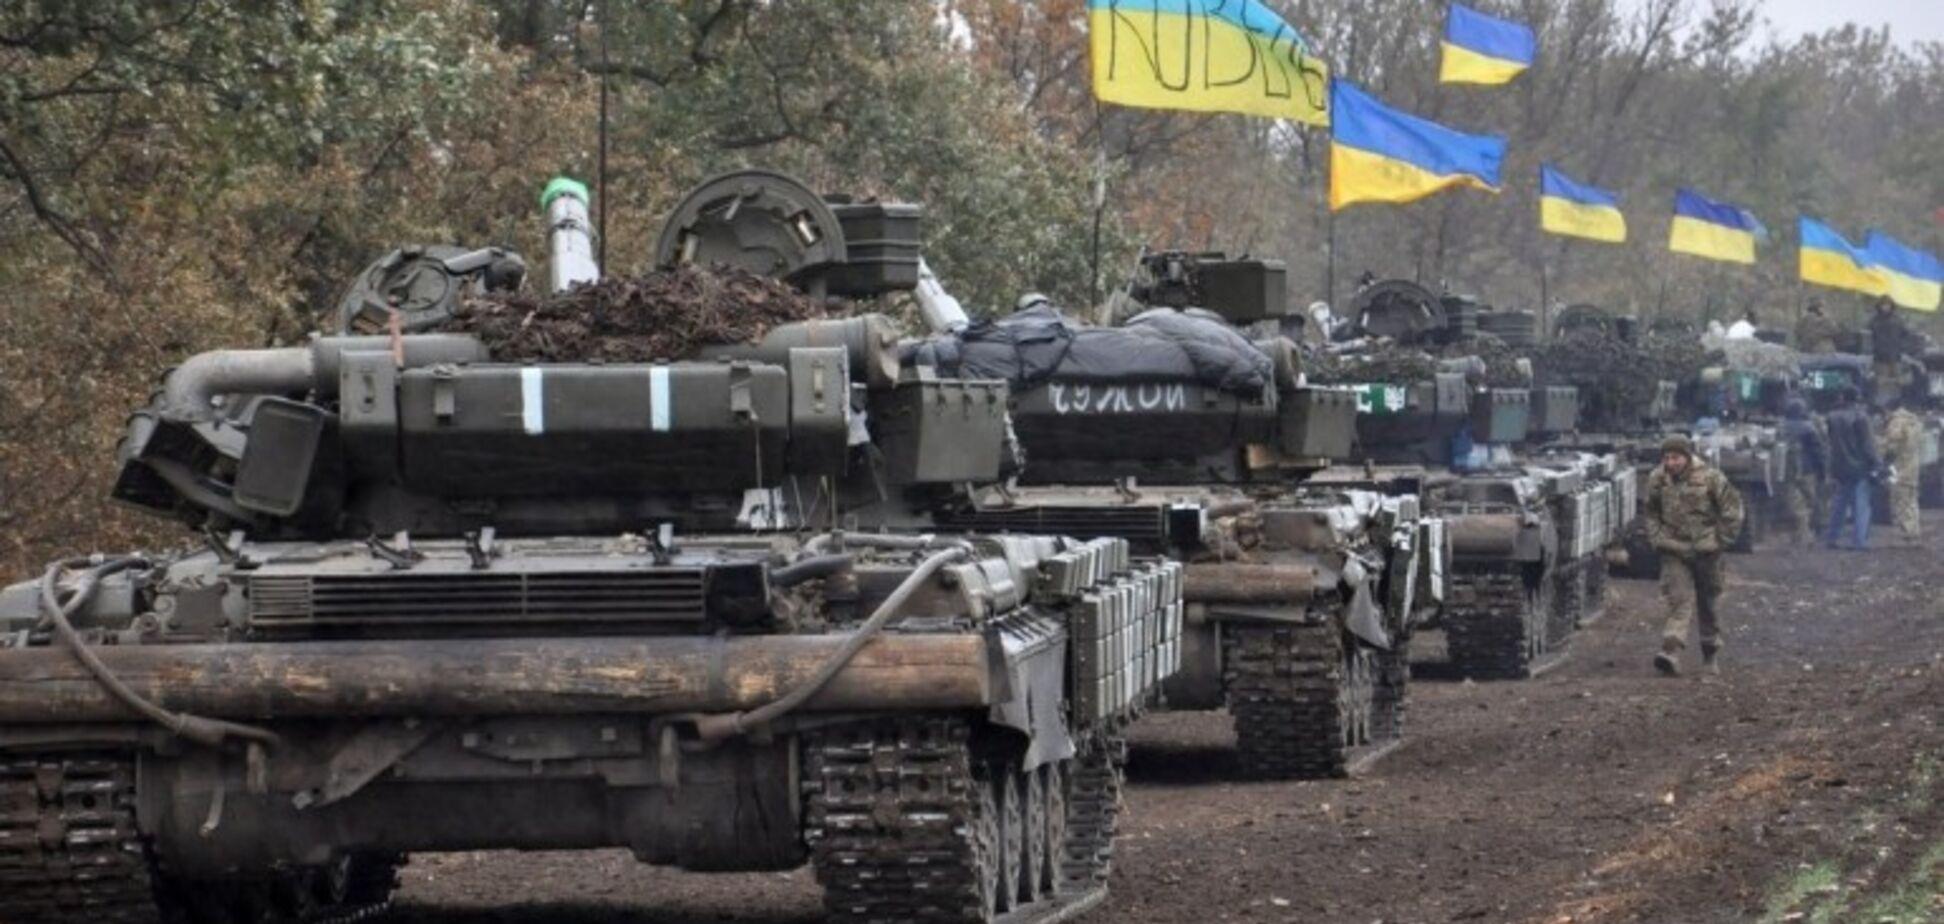 Уничтожение обезглавленной 'ДНР': чего боятся в Донецке